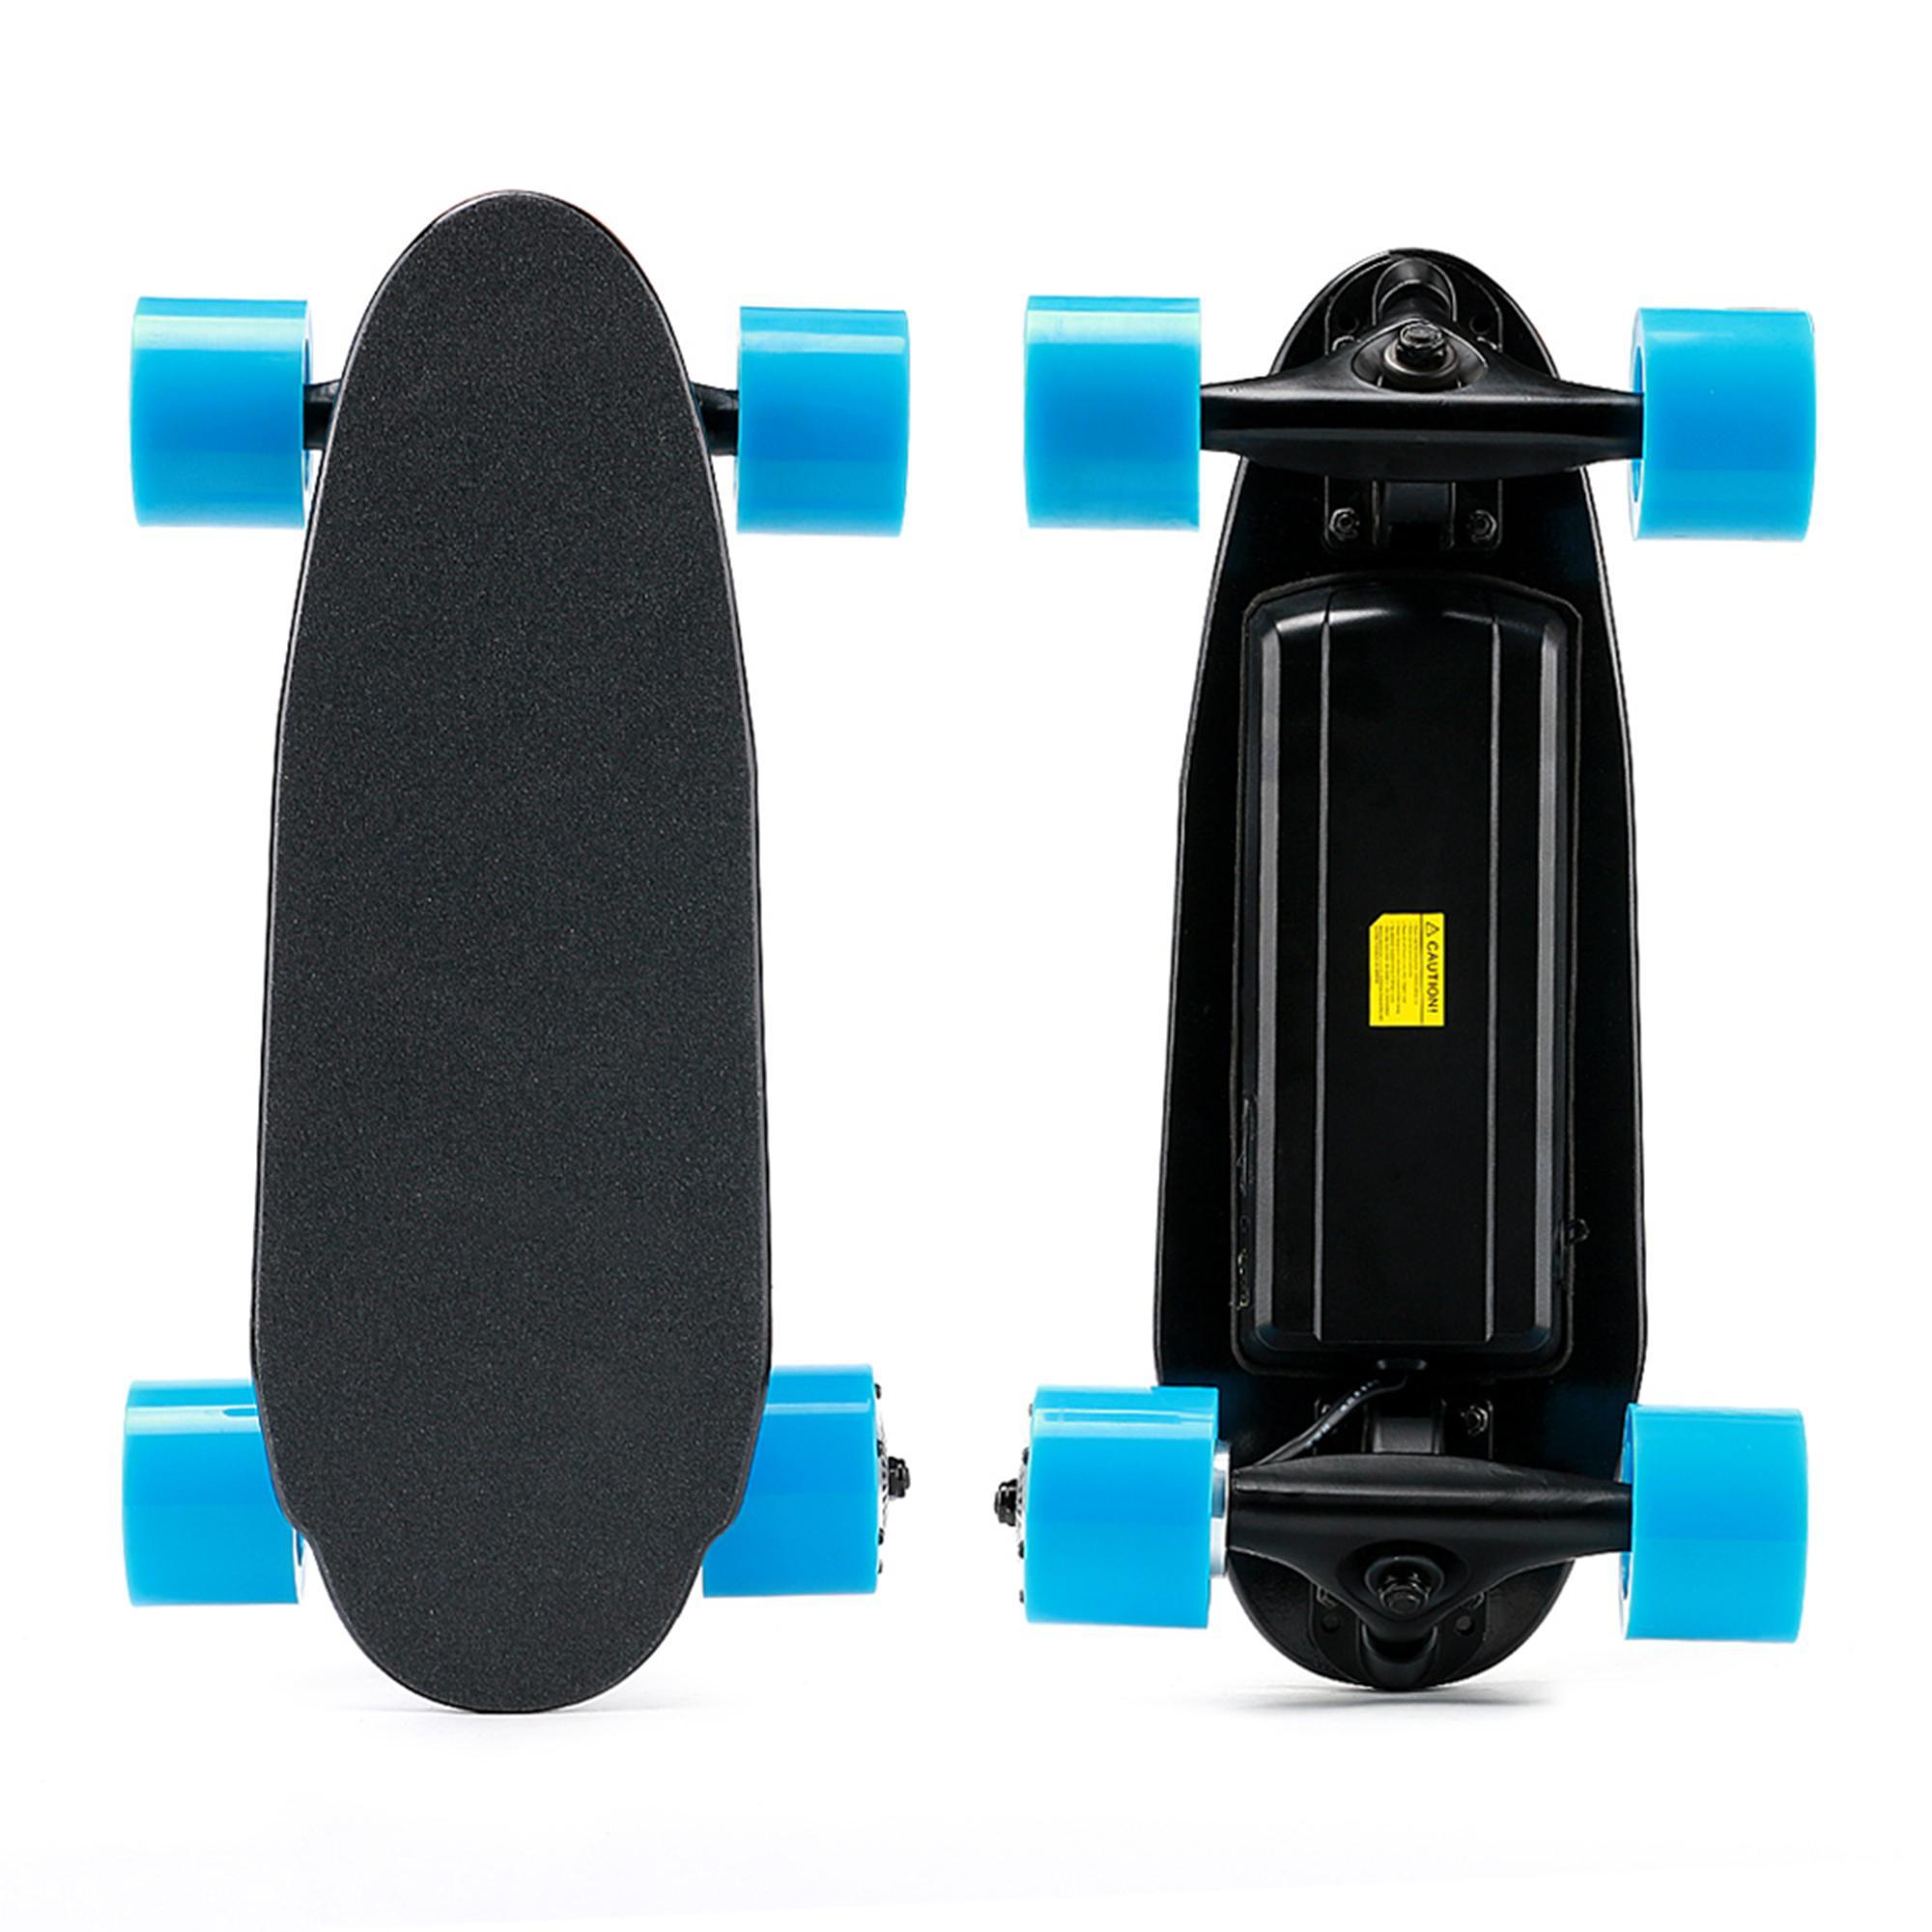 US-Aktien 4 Wheel Mini elektrisches Skateboard mit bestem Motor-Kit ausgestattet für Erwachsene Sport 11A Skateboard Elektroroller W34815706